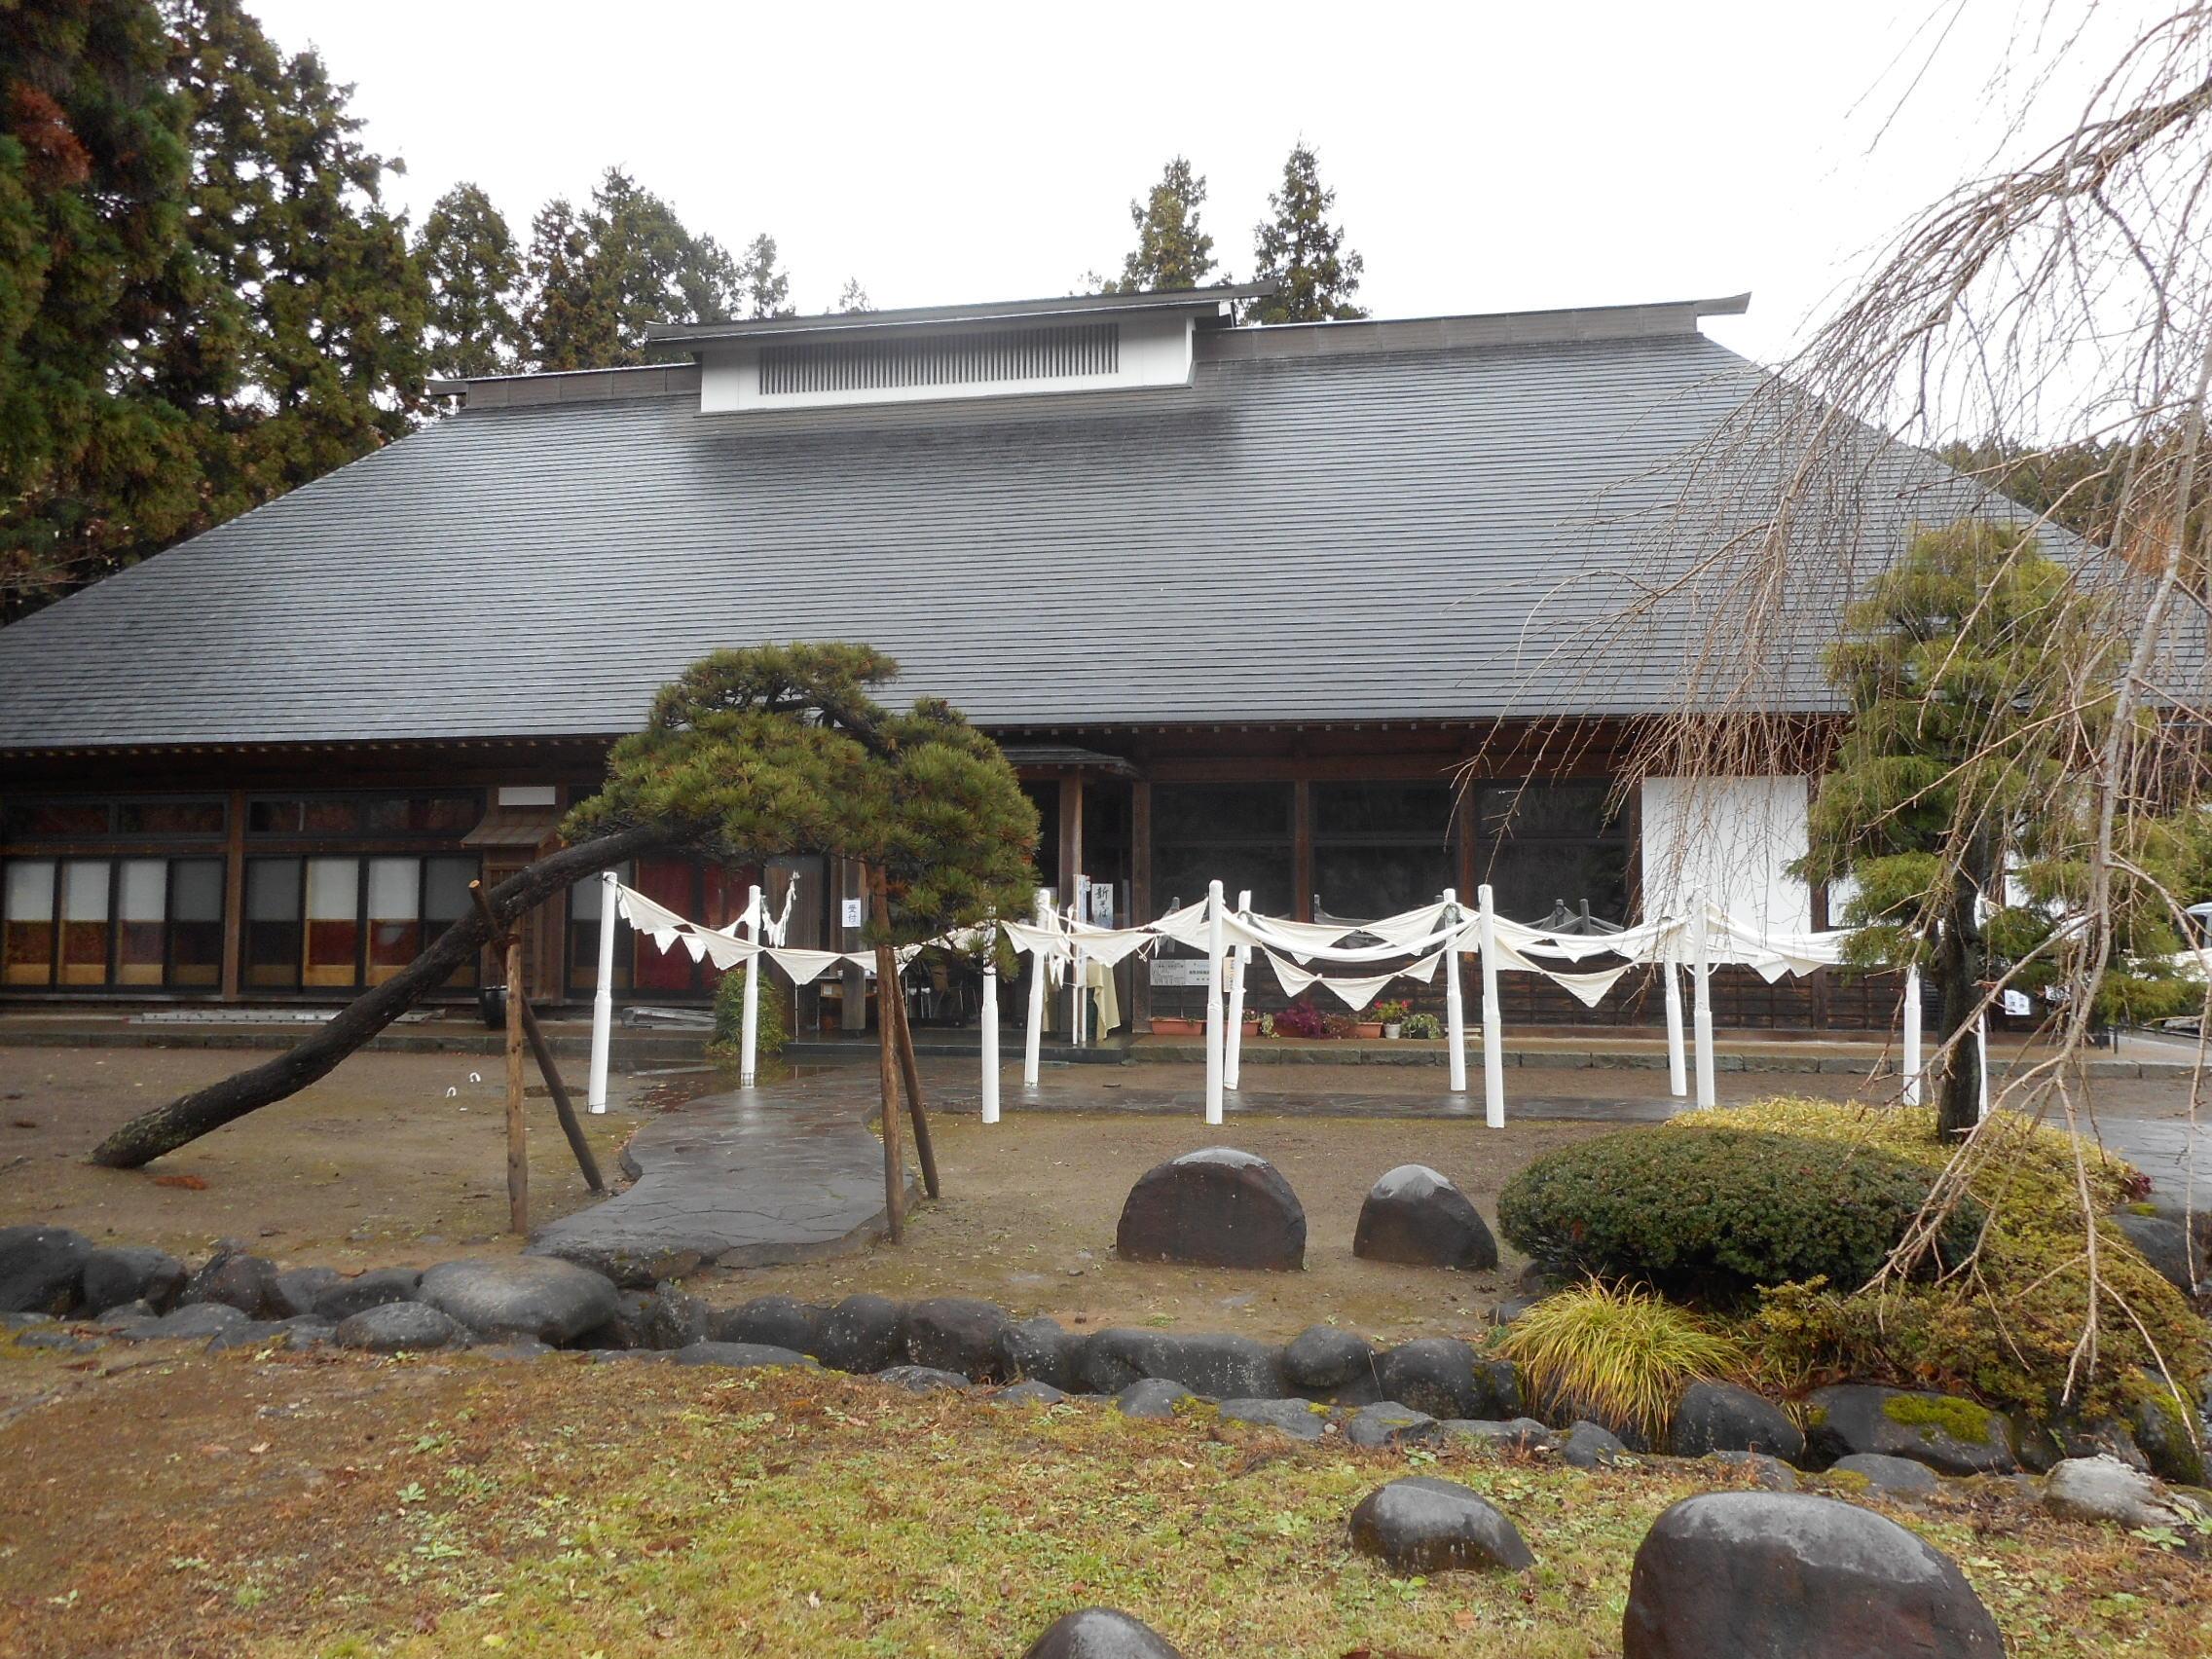 「衣・次元シアター」ひびのこづえ×引間文佳。背景の建物は「駒庄 農家屋敷館」